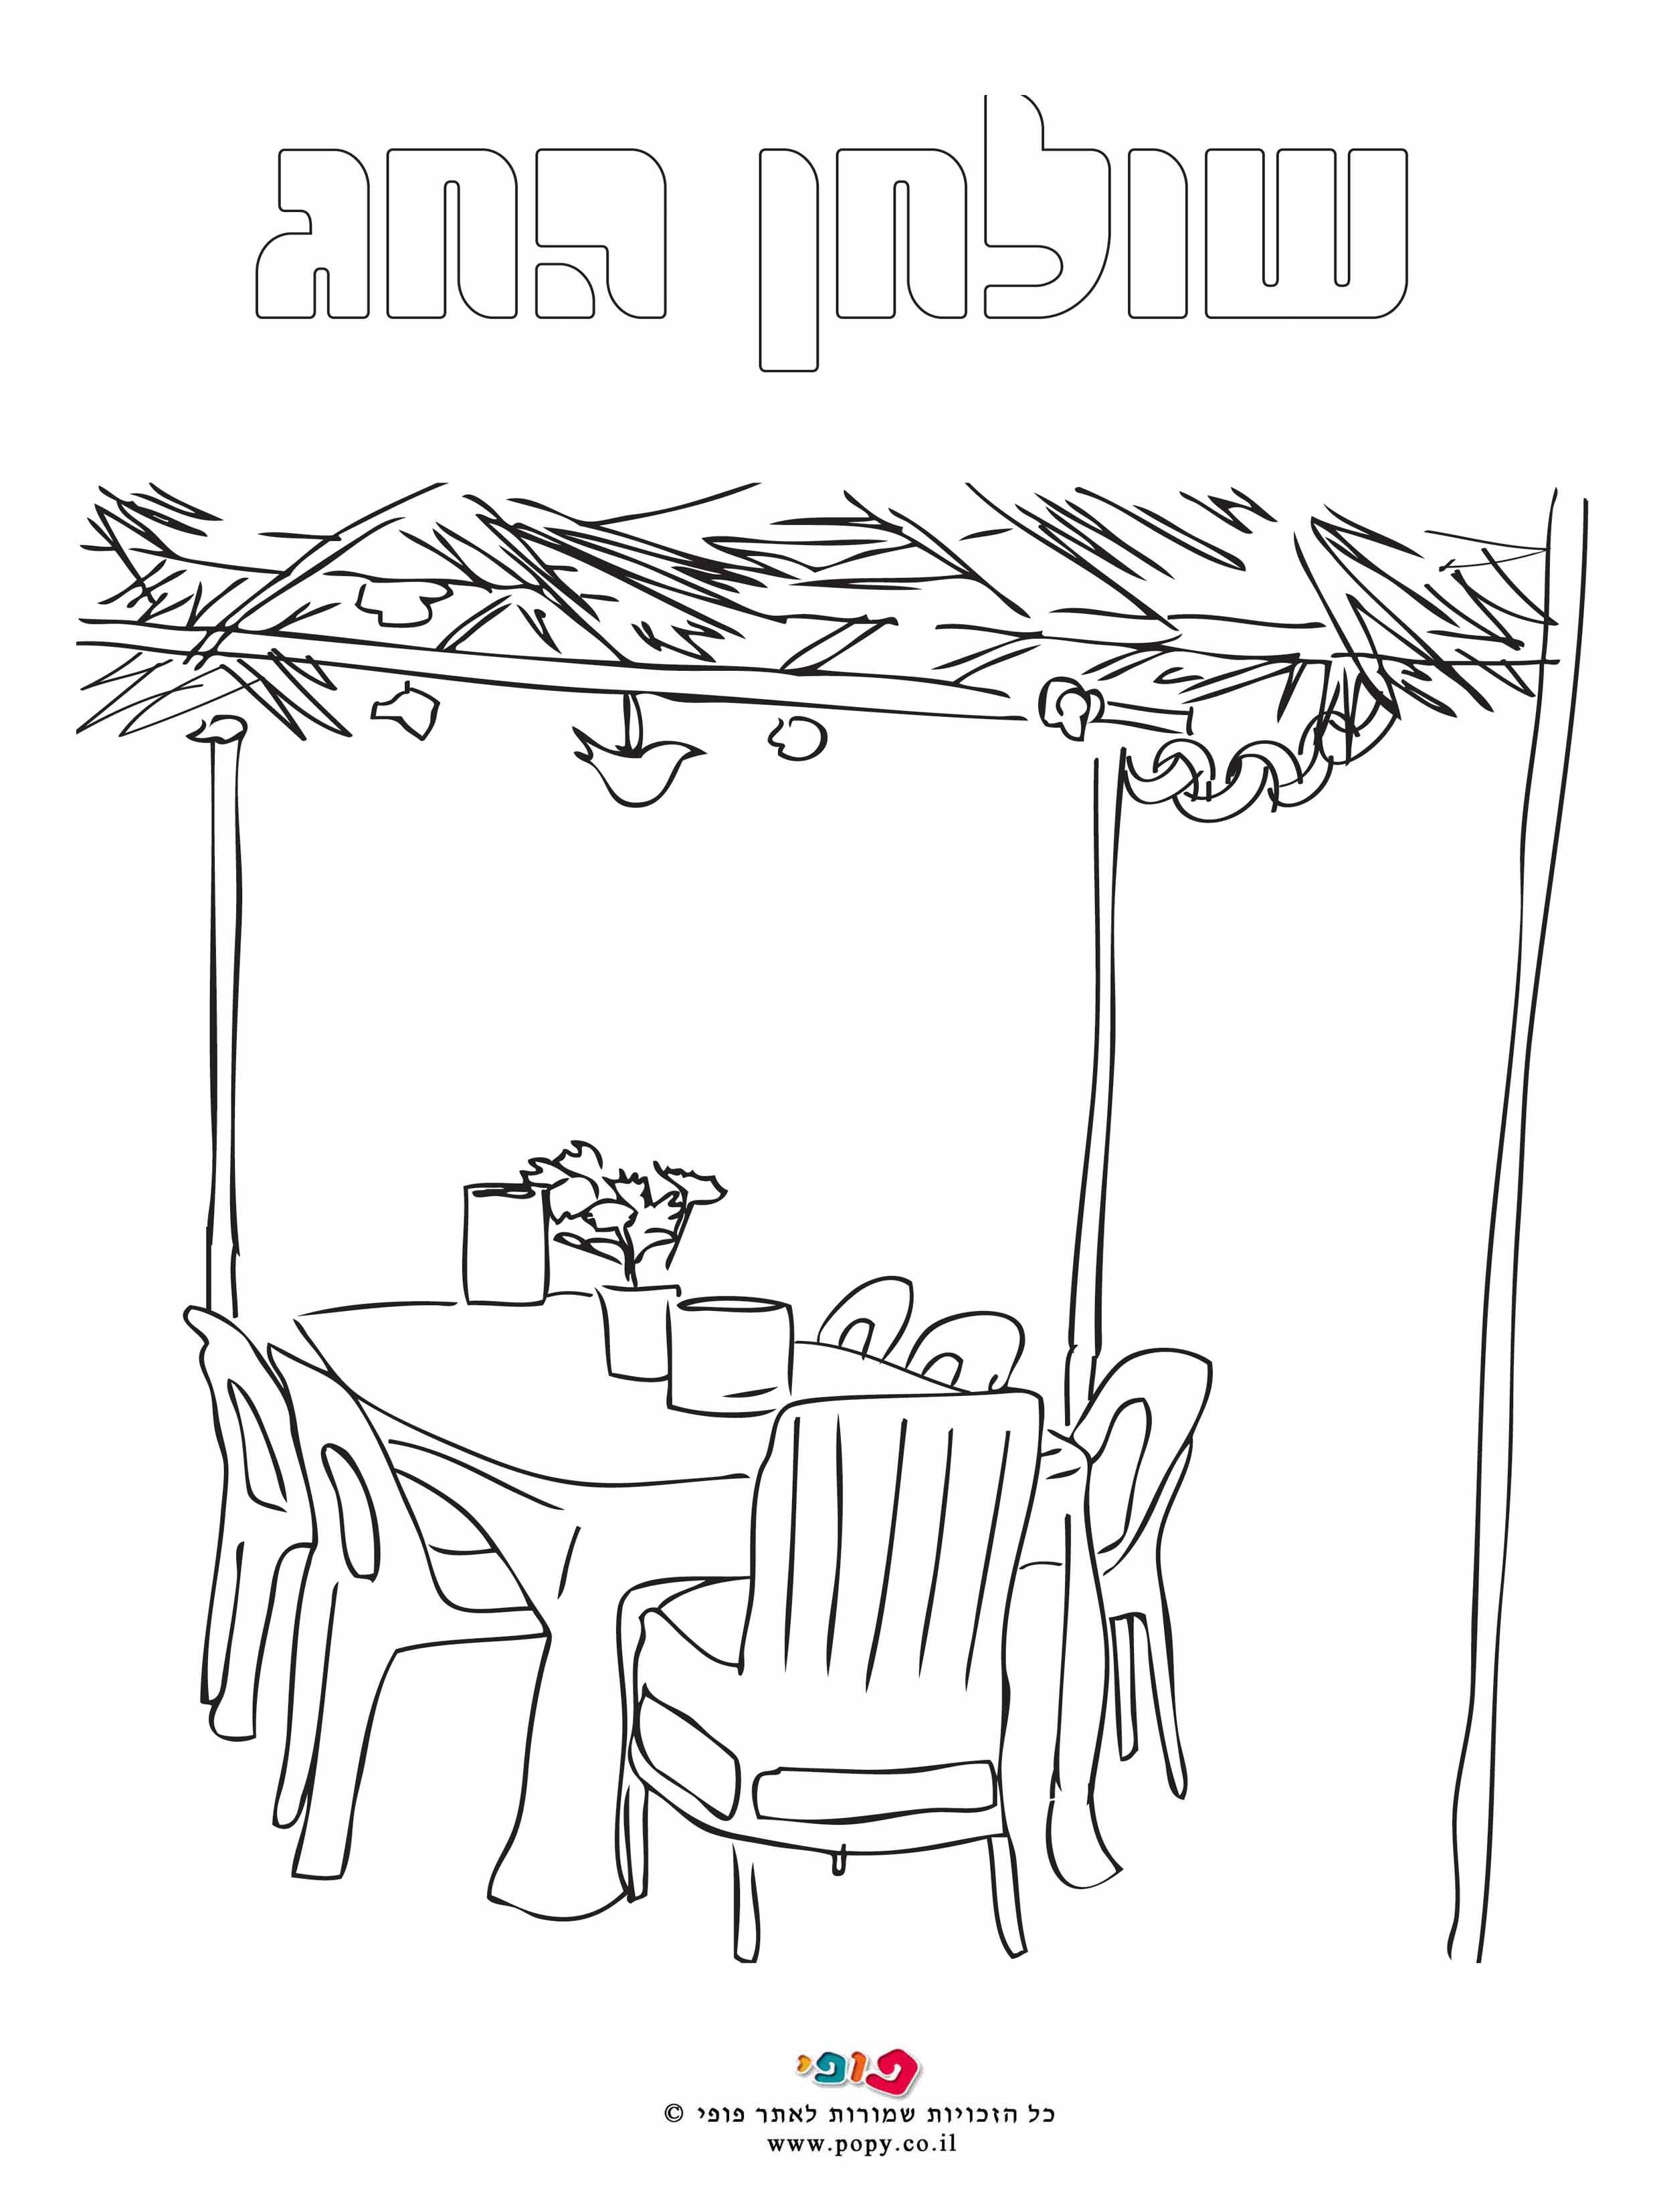 דף צביעה של שולחן חג בחג סוכות